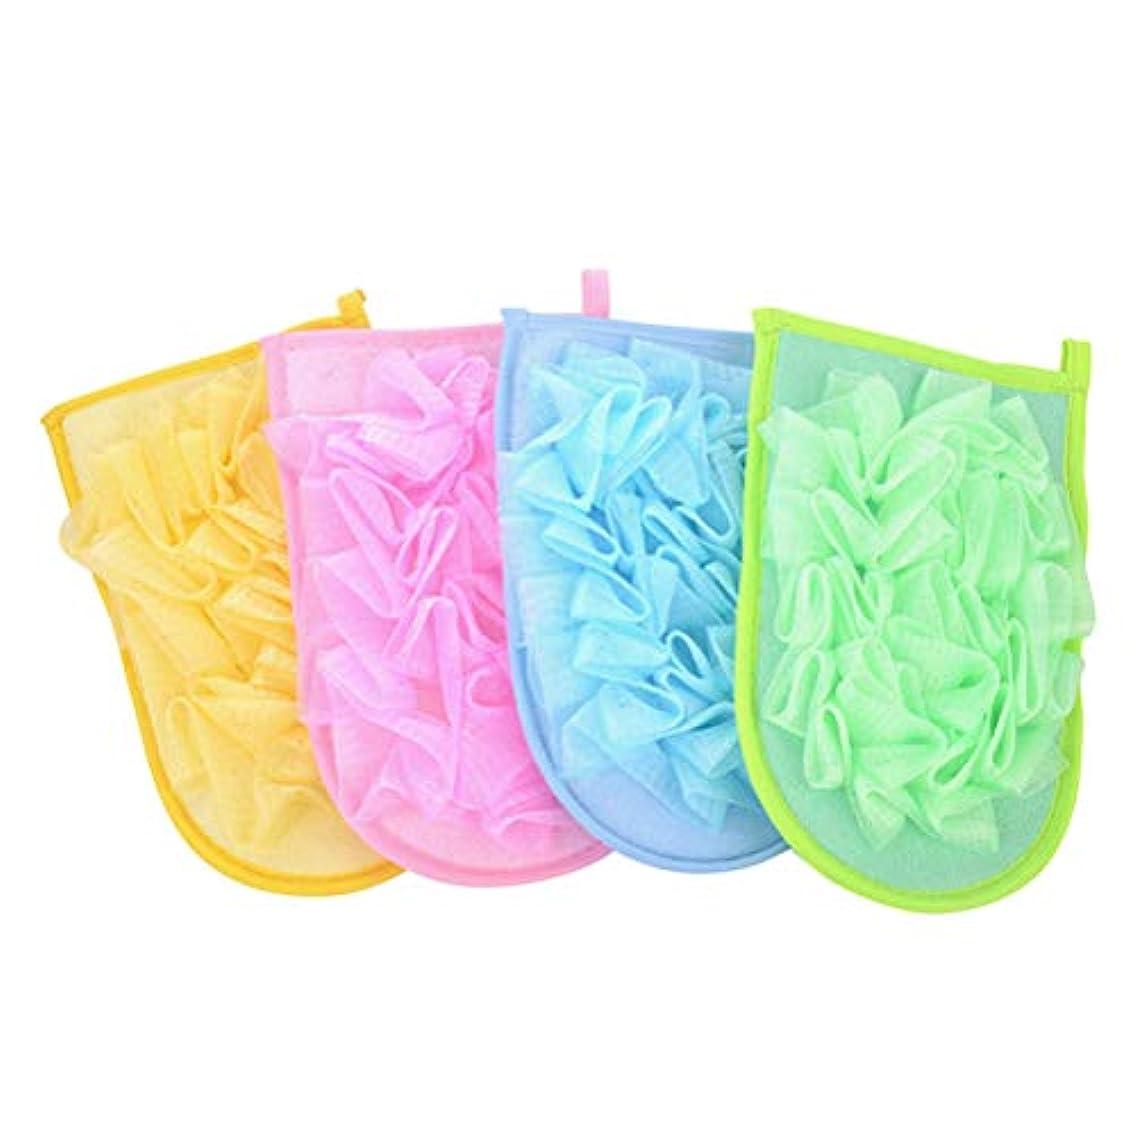 ミキサーやりがいのあるテストTOPBATHY 4本入浴ウォッシュタオル剥離バスグローブバックスクラバーデュアルサイドバスタオル入浴用シャワースパ(混色)